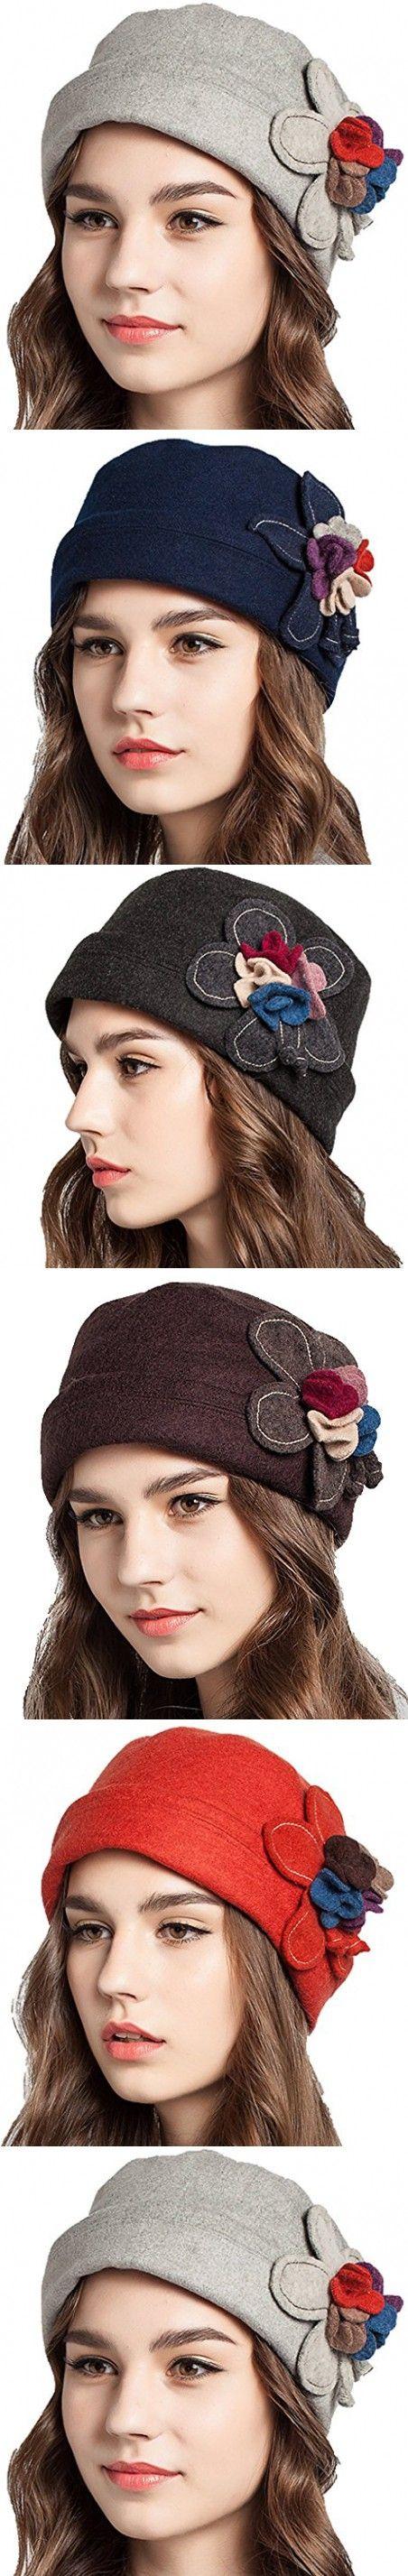 Supergirl Women hat Wool Curling Brim Hat Fashion Flower Beret Homburg Hat Grey